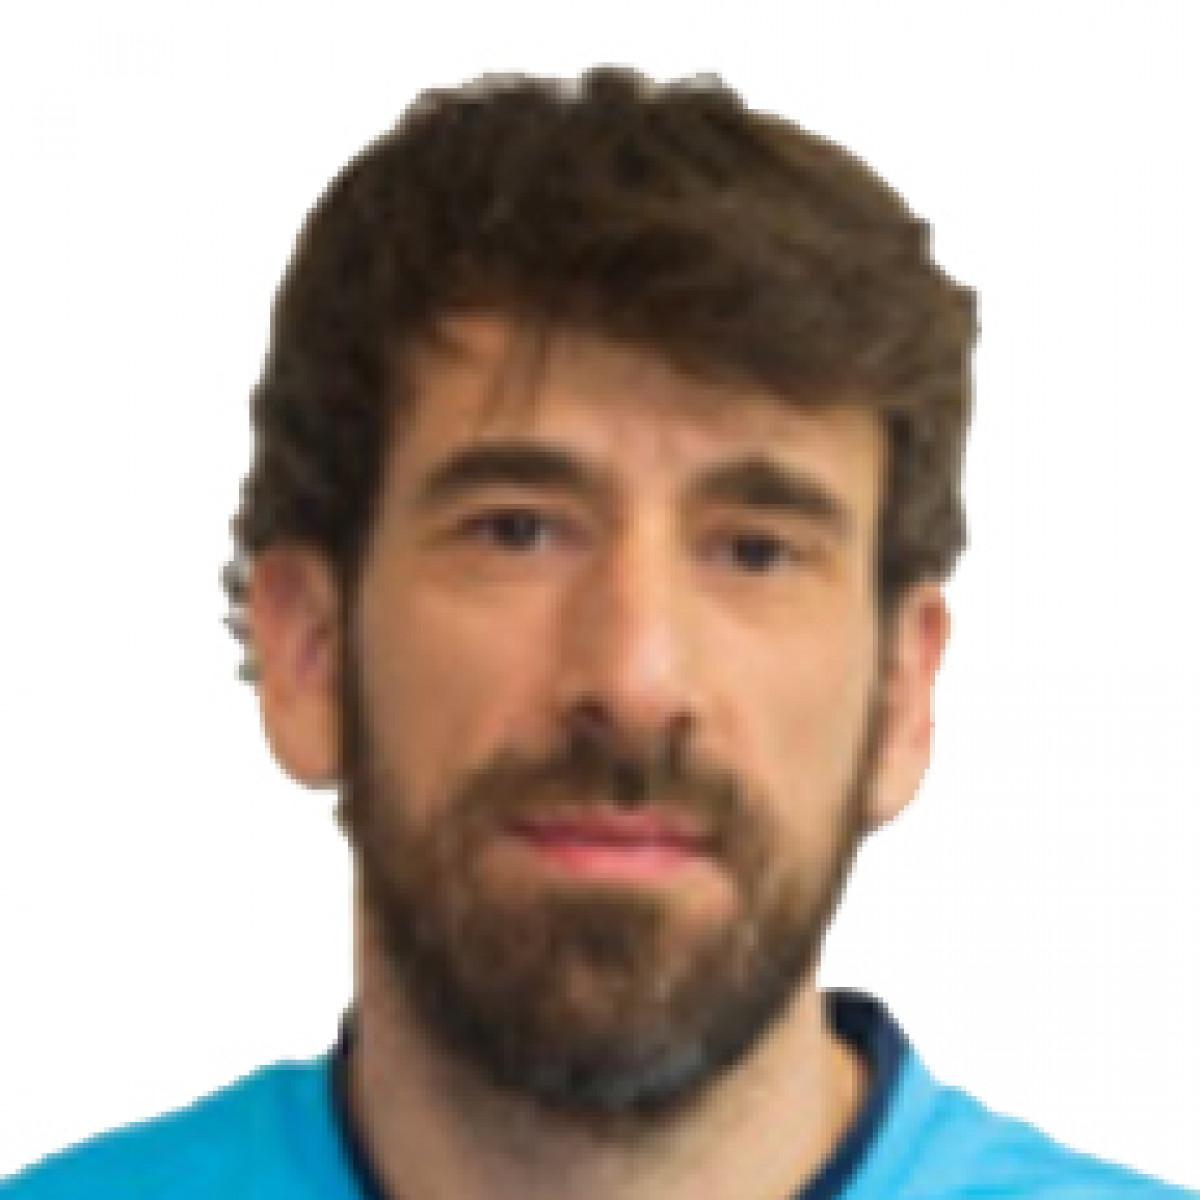 Fotis Lambropoulos